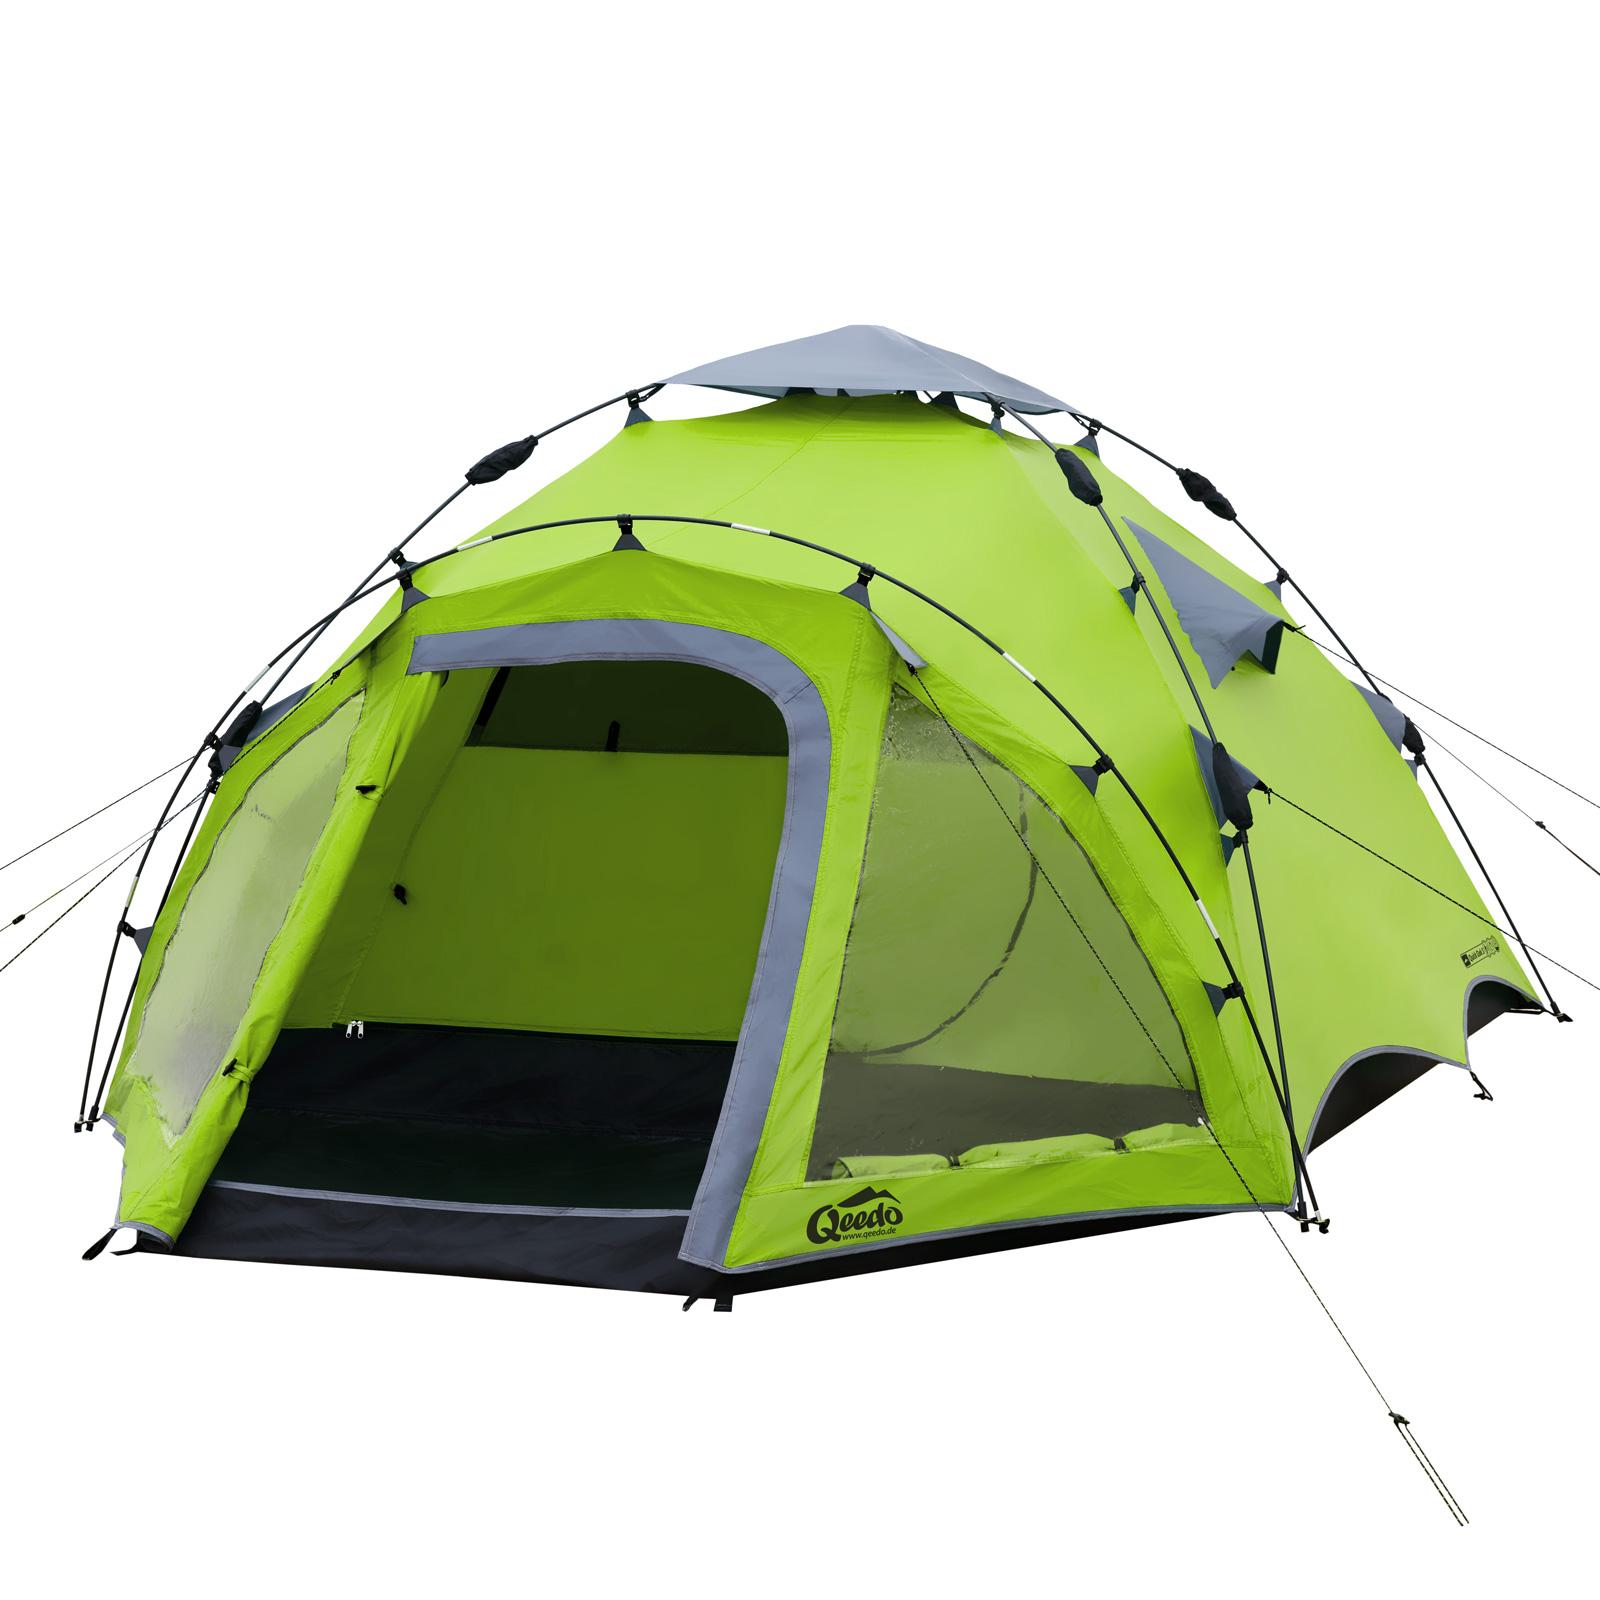 3 personen zelt qeedo quick oak 3 sekundenzelt campingzelt. Black Bedroom Furniture Sets. Home Design Ideas